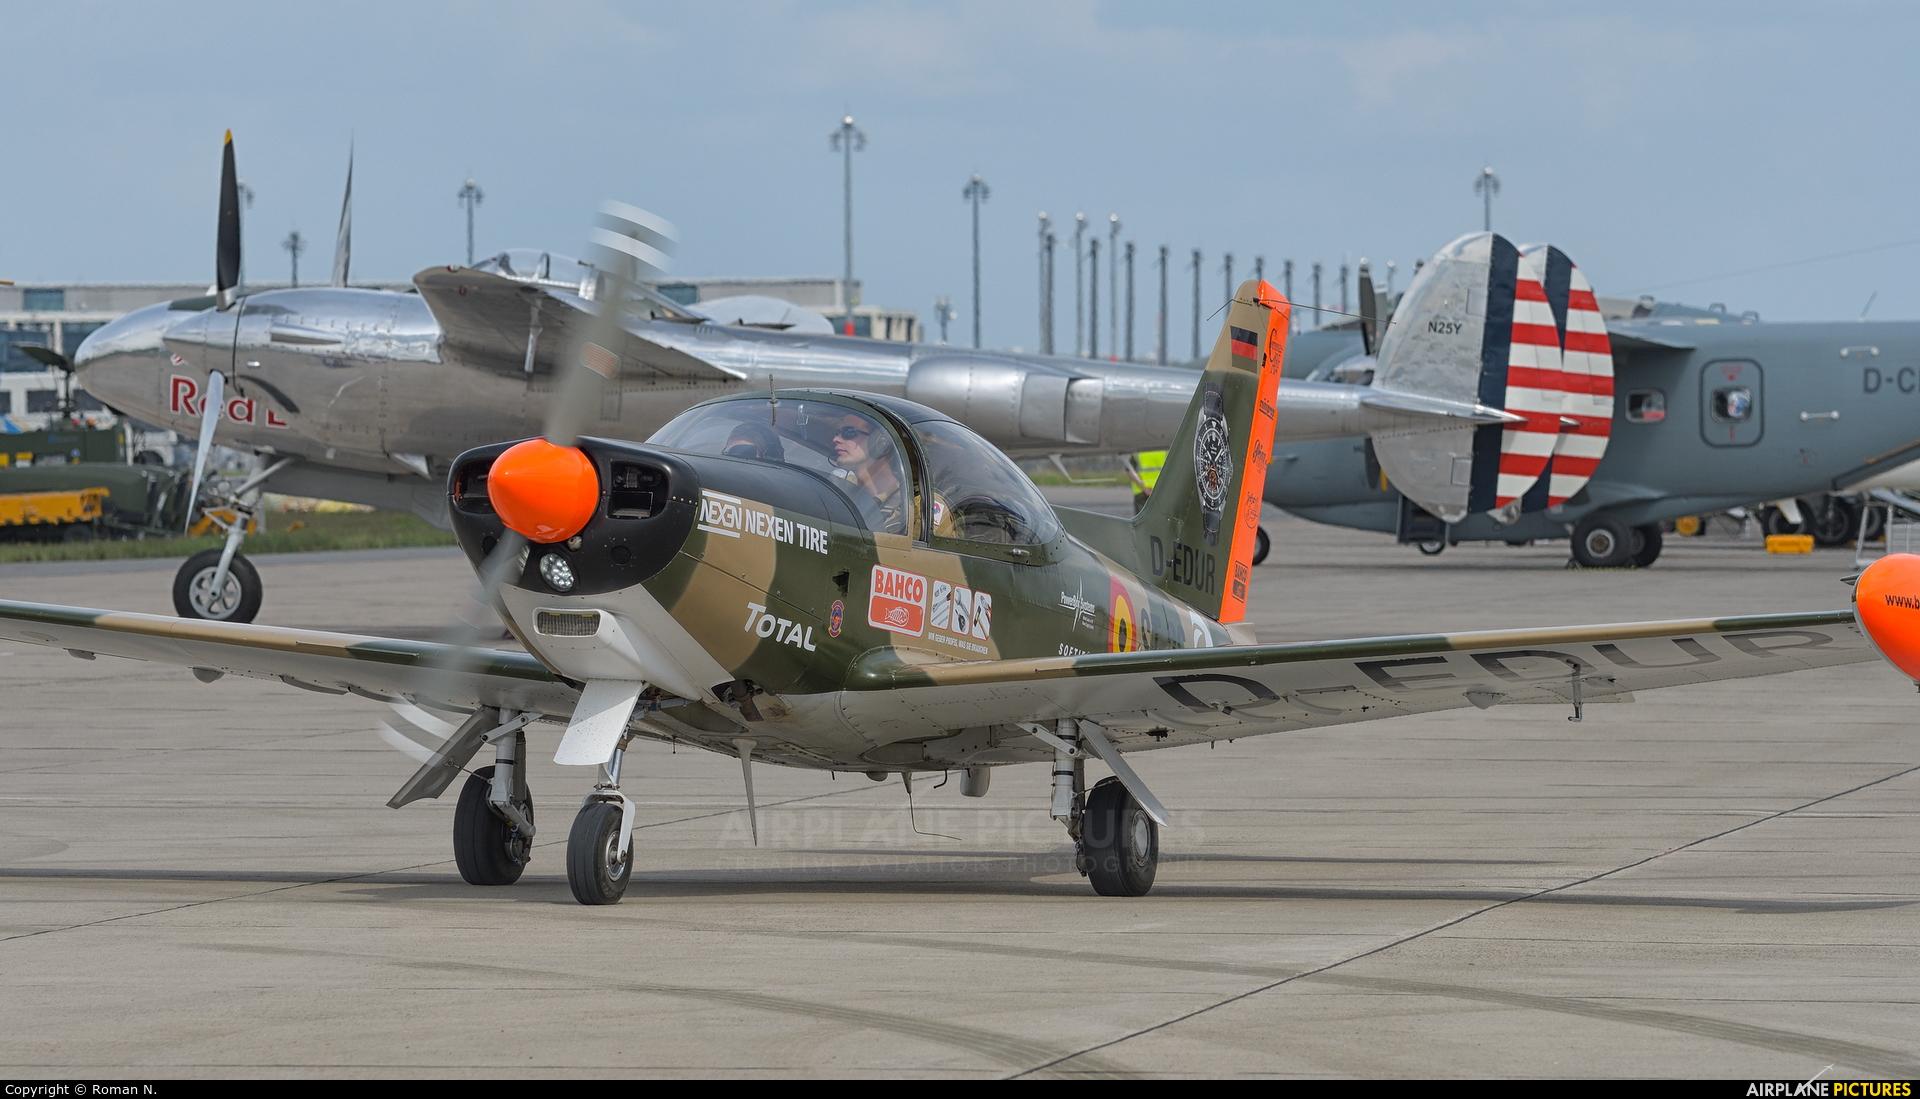 Senheiser Aviation Headsets D-EDUR aircraft at Berlin - Schönefeld